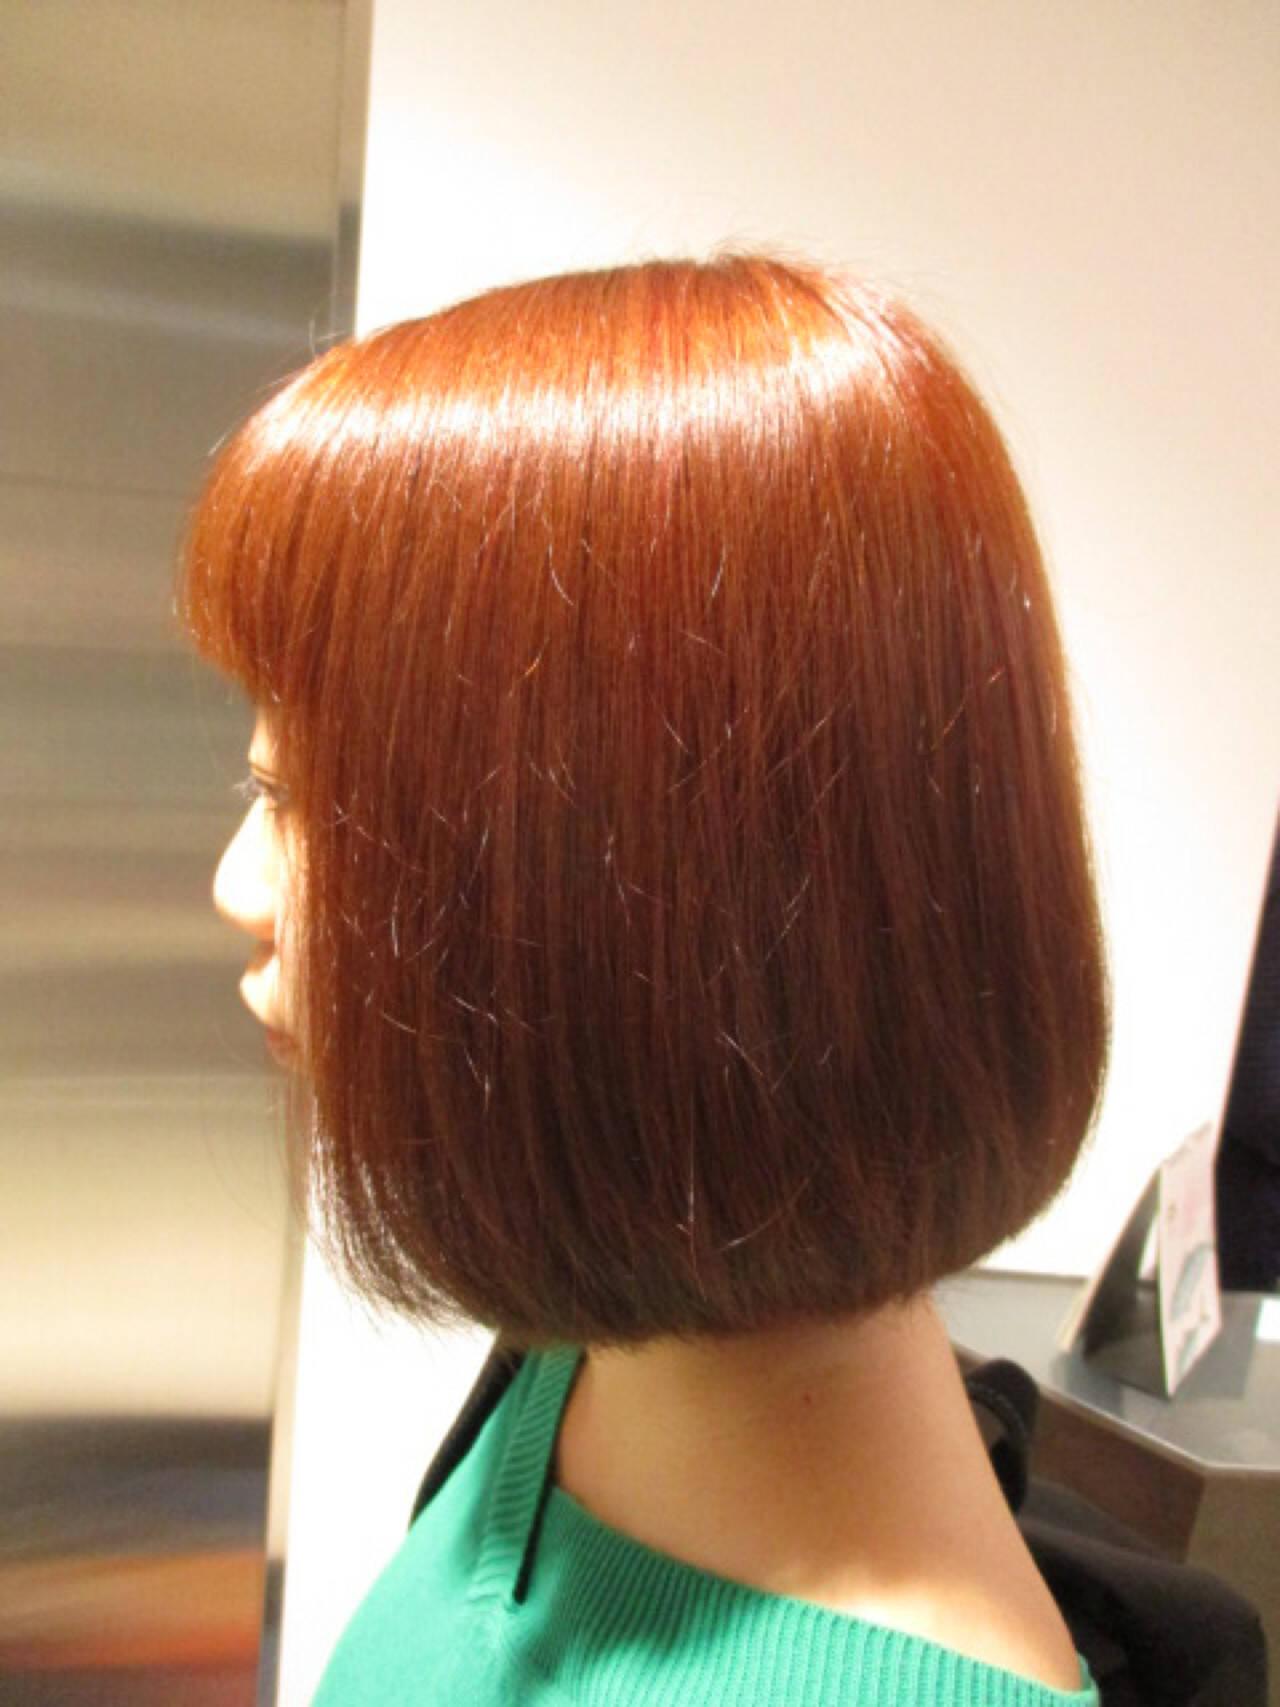 ボブ 艶髪 イルミナカラー オレンジヘアスタイルや髪型の写真・画像